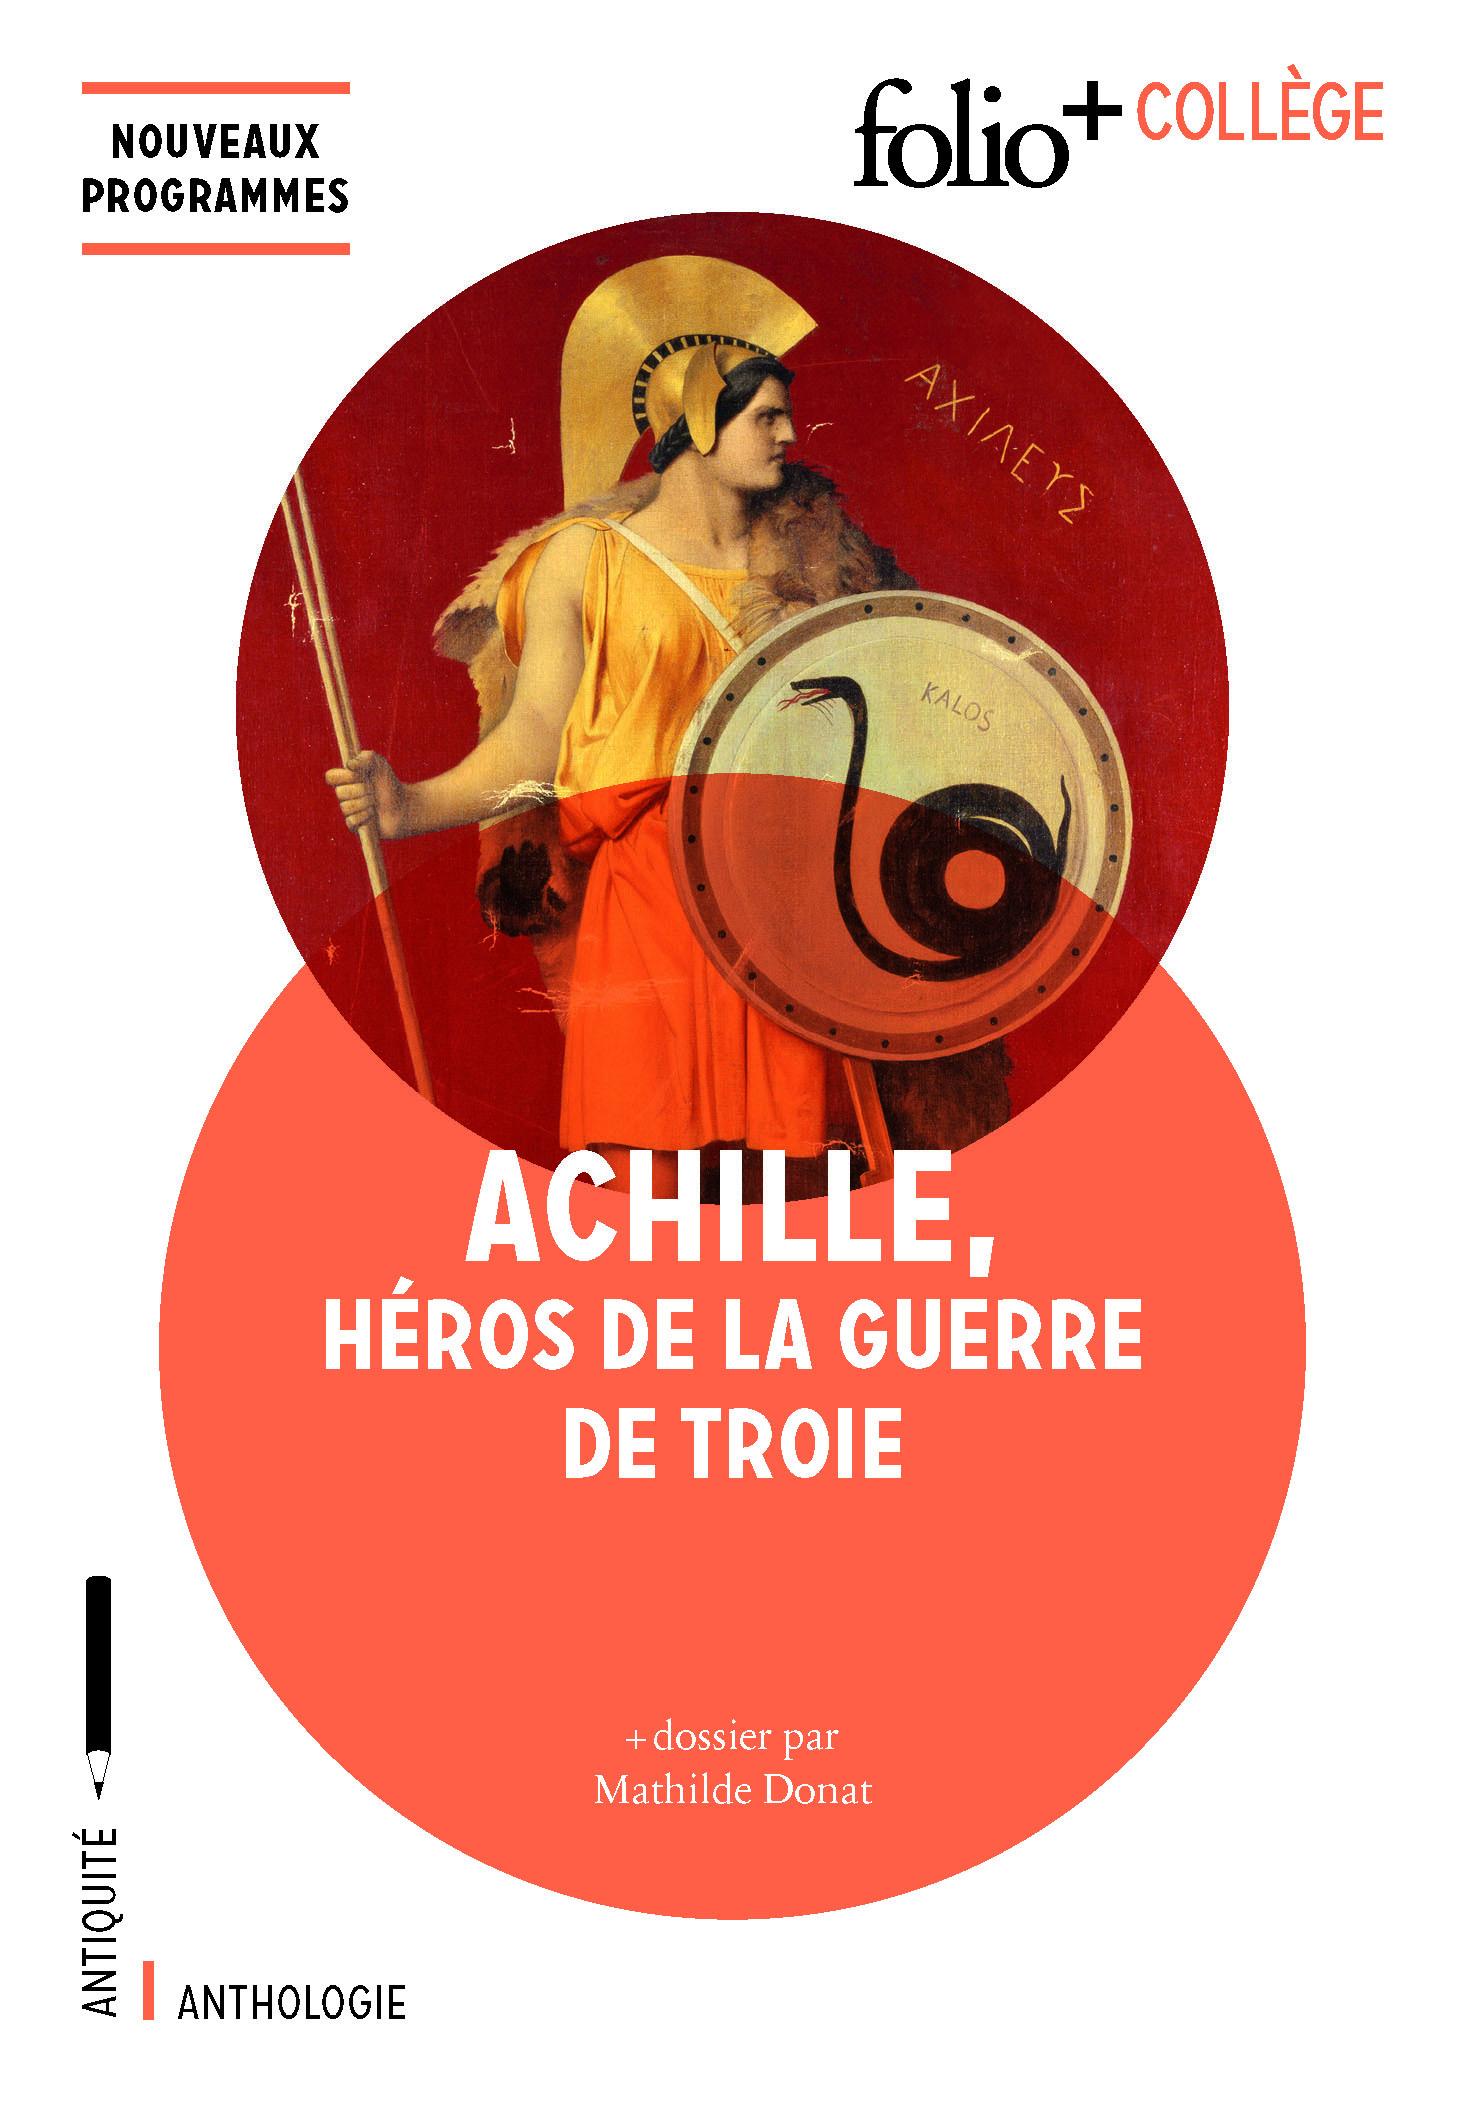 ACHILLE, HEROS DE LA GUERRE DE TROIE